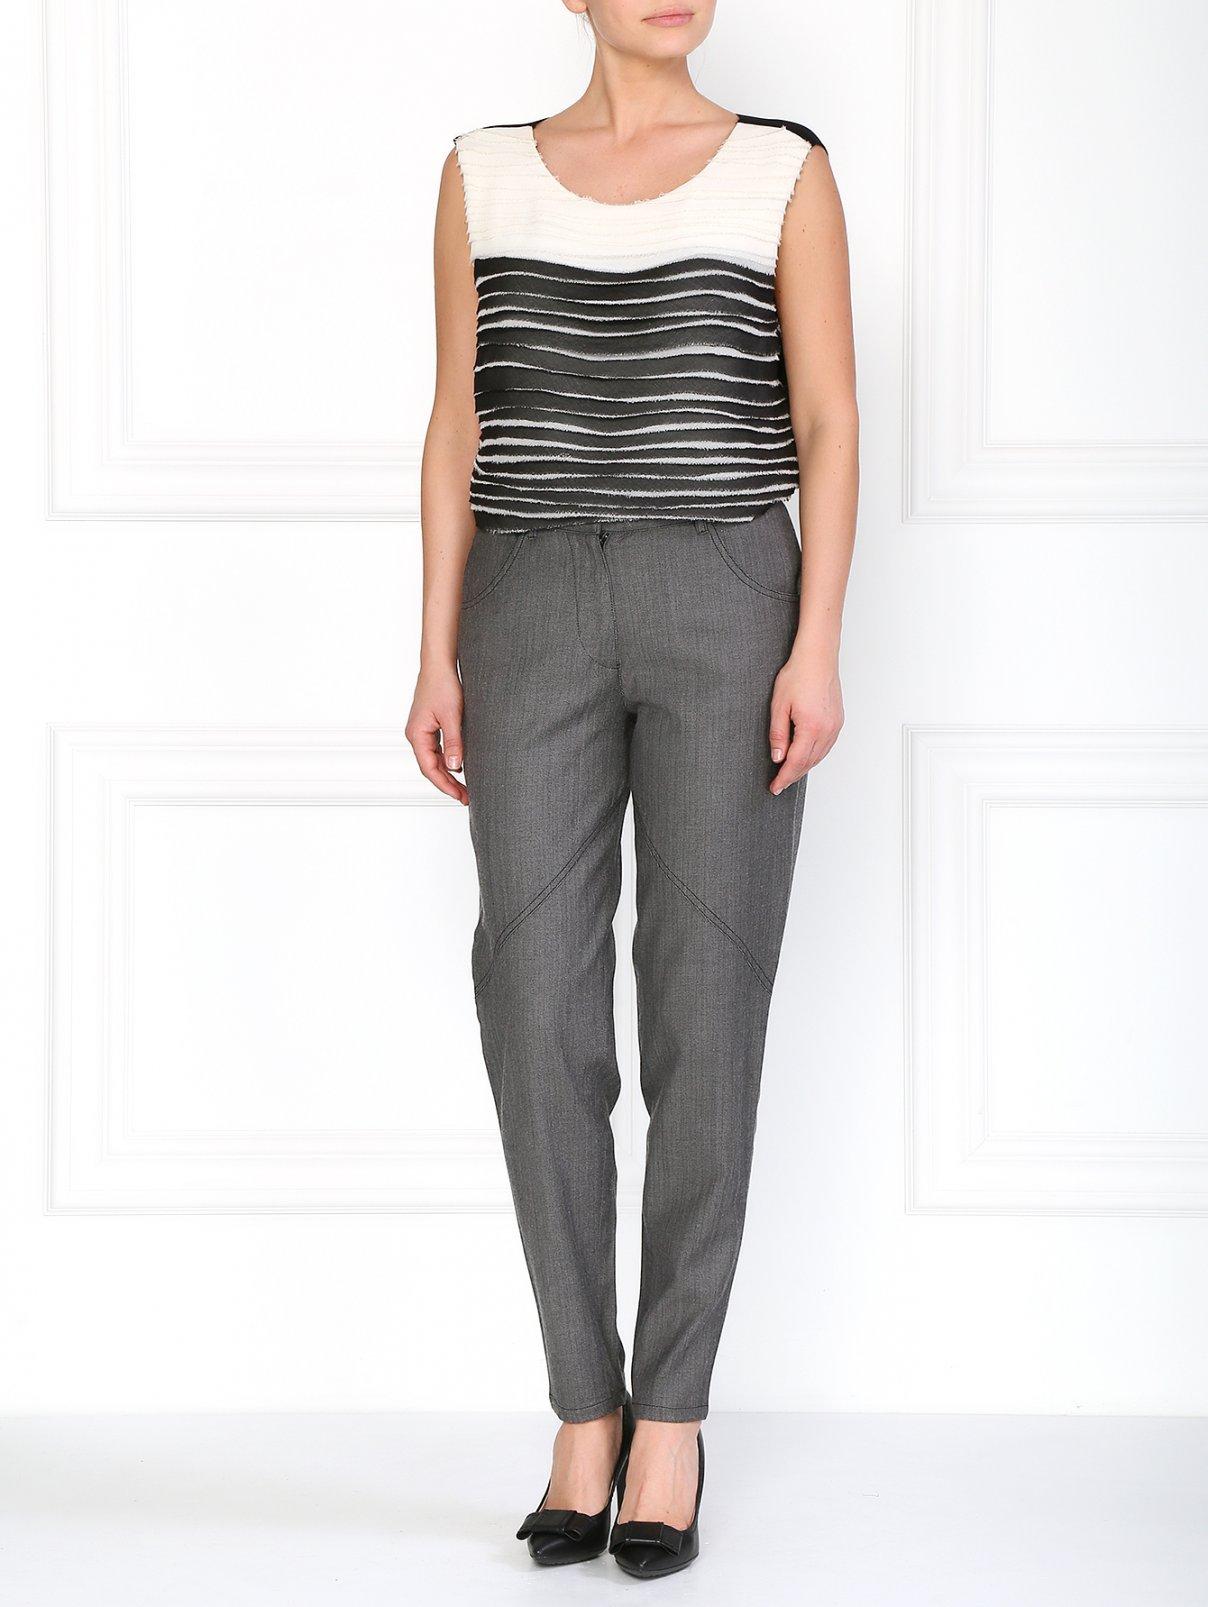 Классические брюки из шерсти и хлопка Barbara Bui  –  Модель Общий вид  – Цвет:  Серый